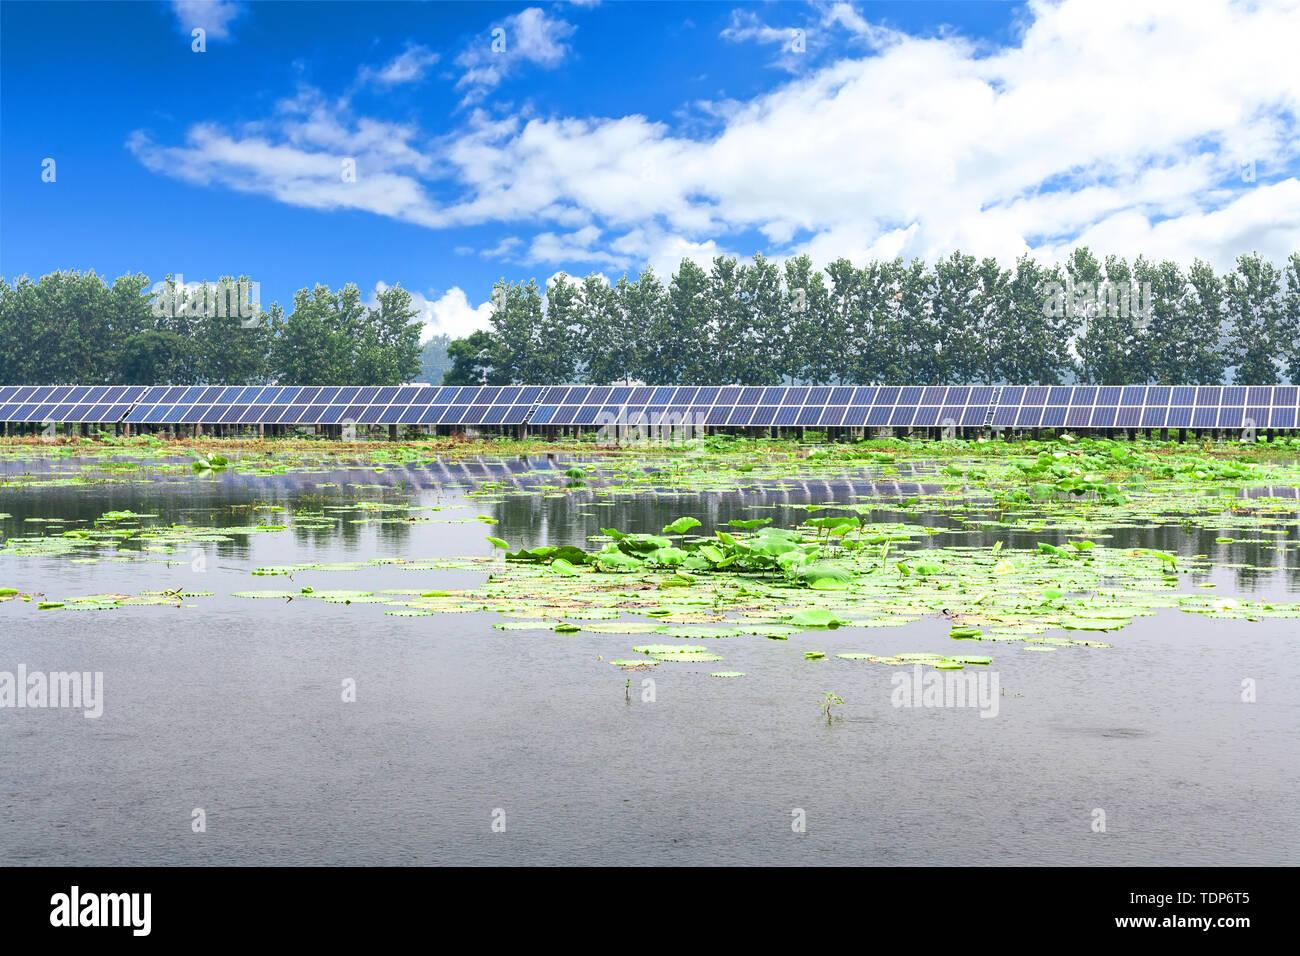 Paneles solares en el exterior Imagen De Stock